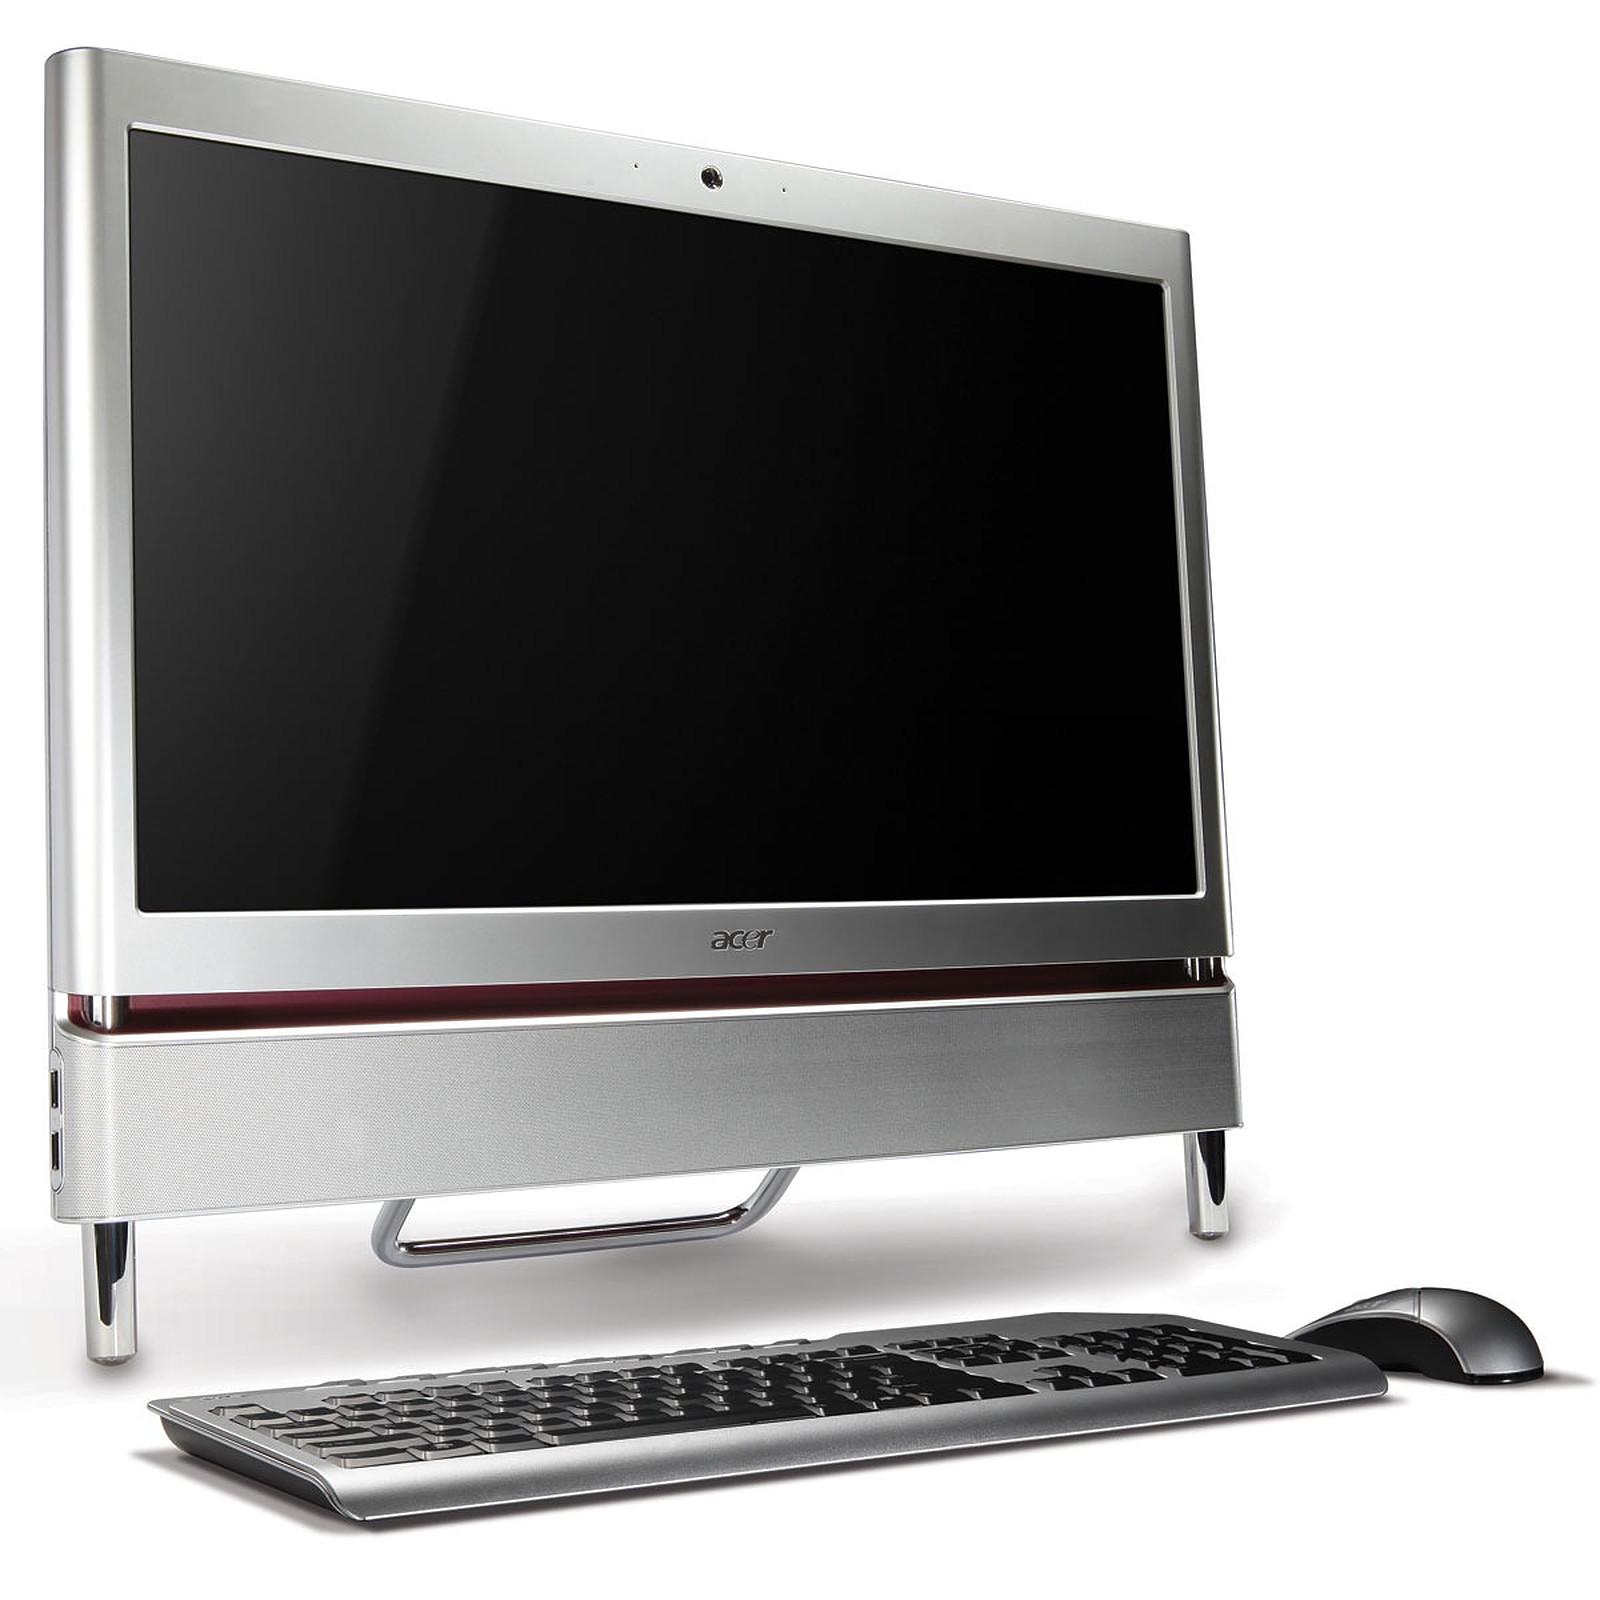 Acer Aspire AZ5710